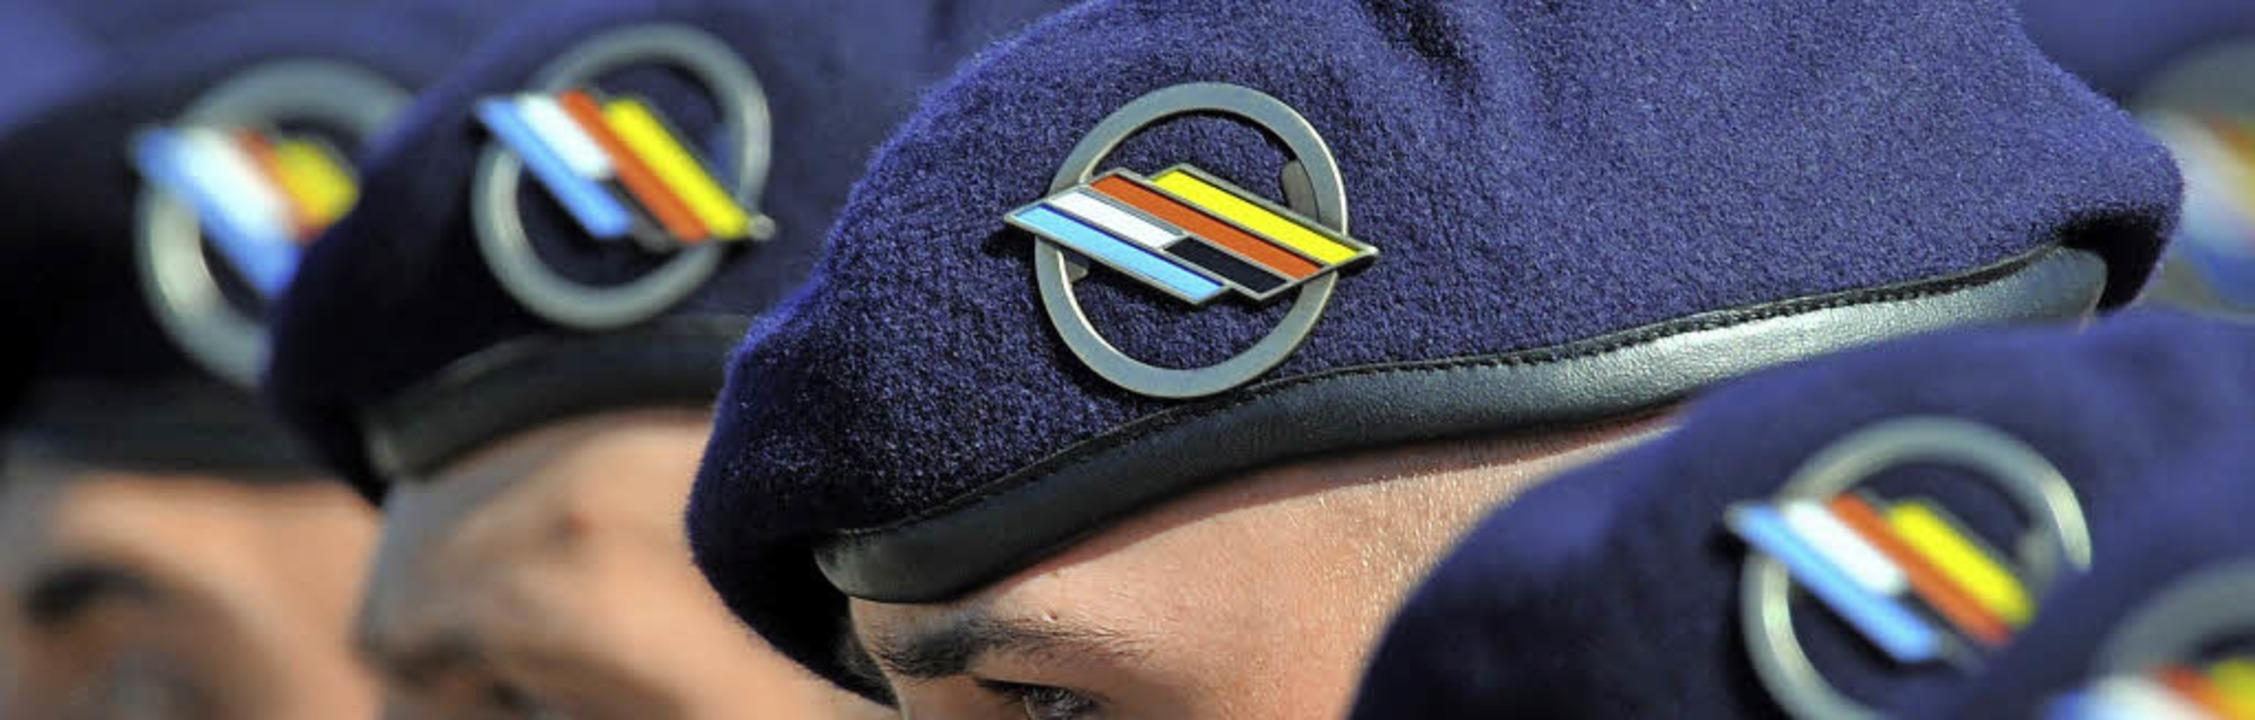 Binationalität in und auf den Köpfen:   Brigadesoldaten    | Foto: dpa/Saurer